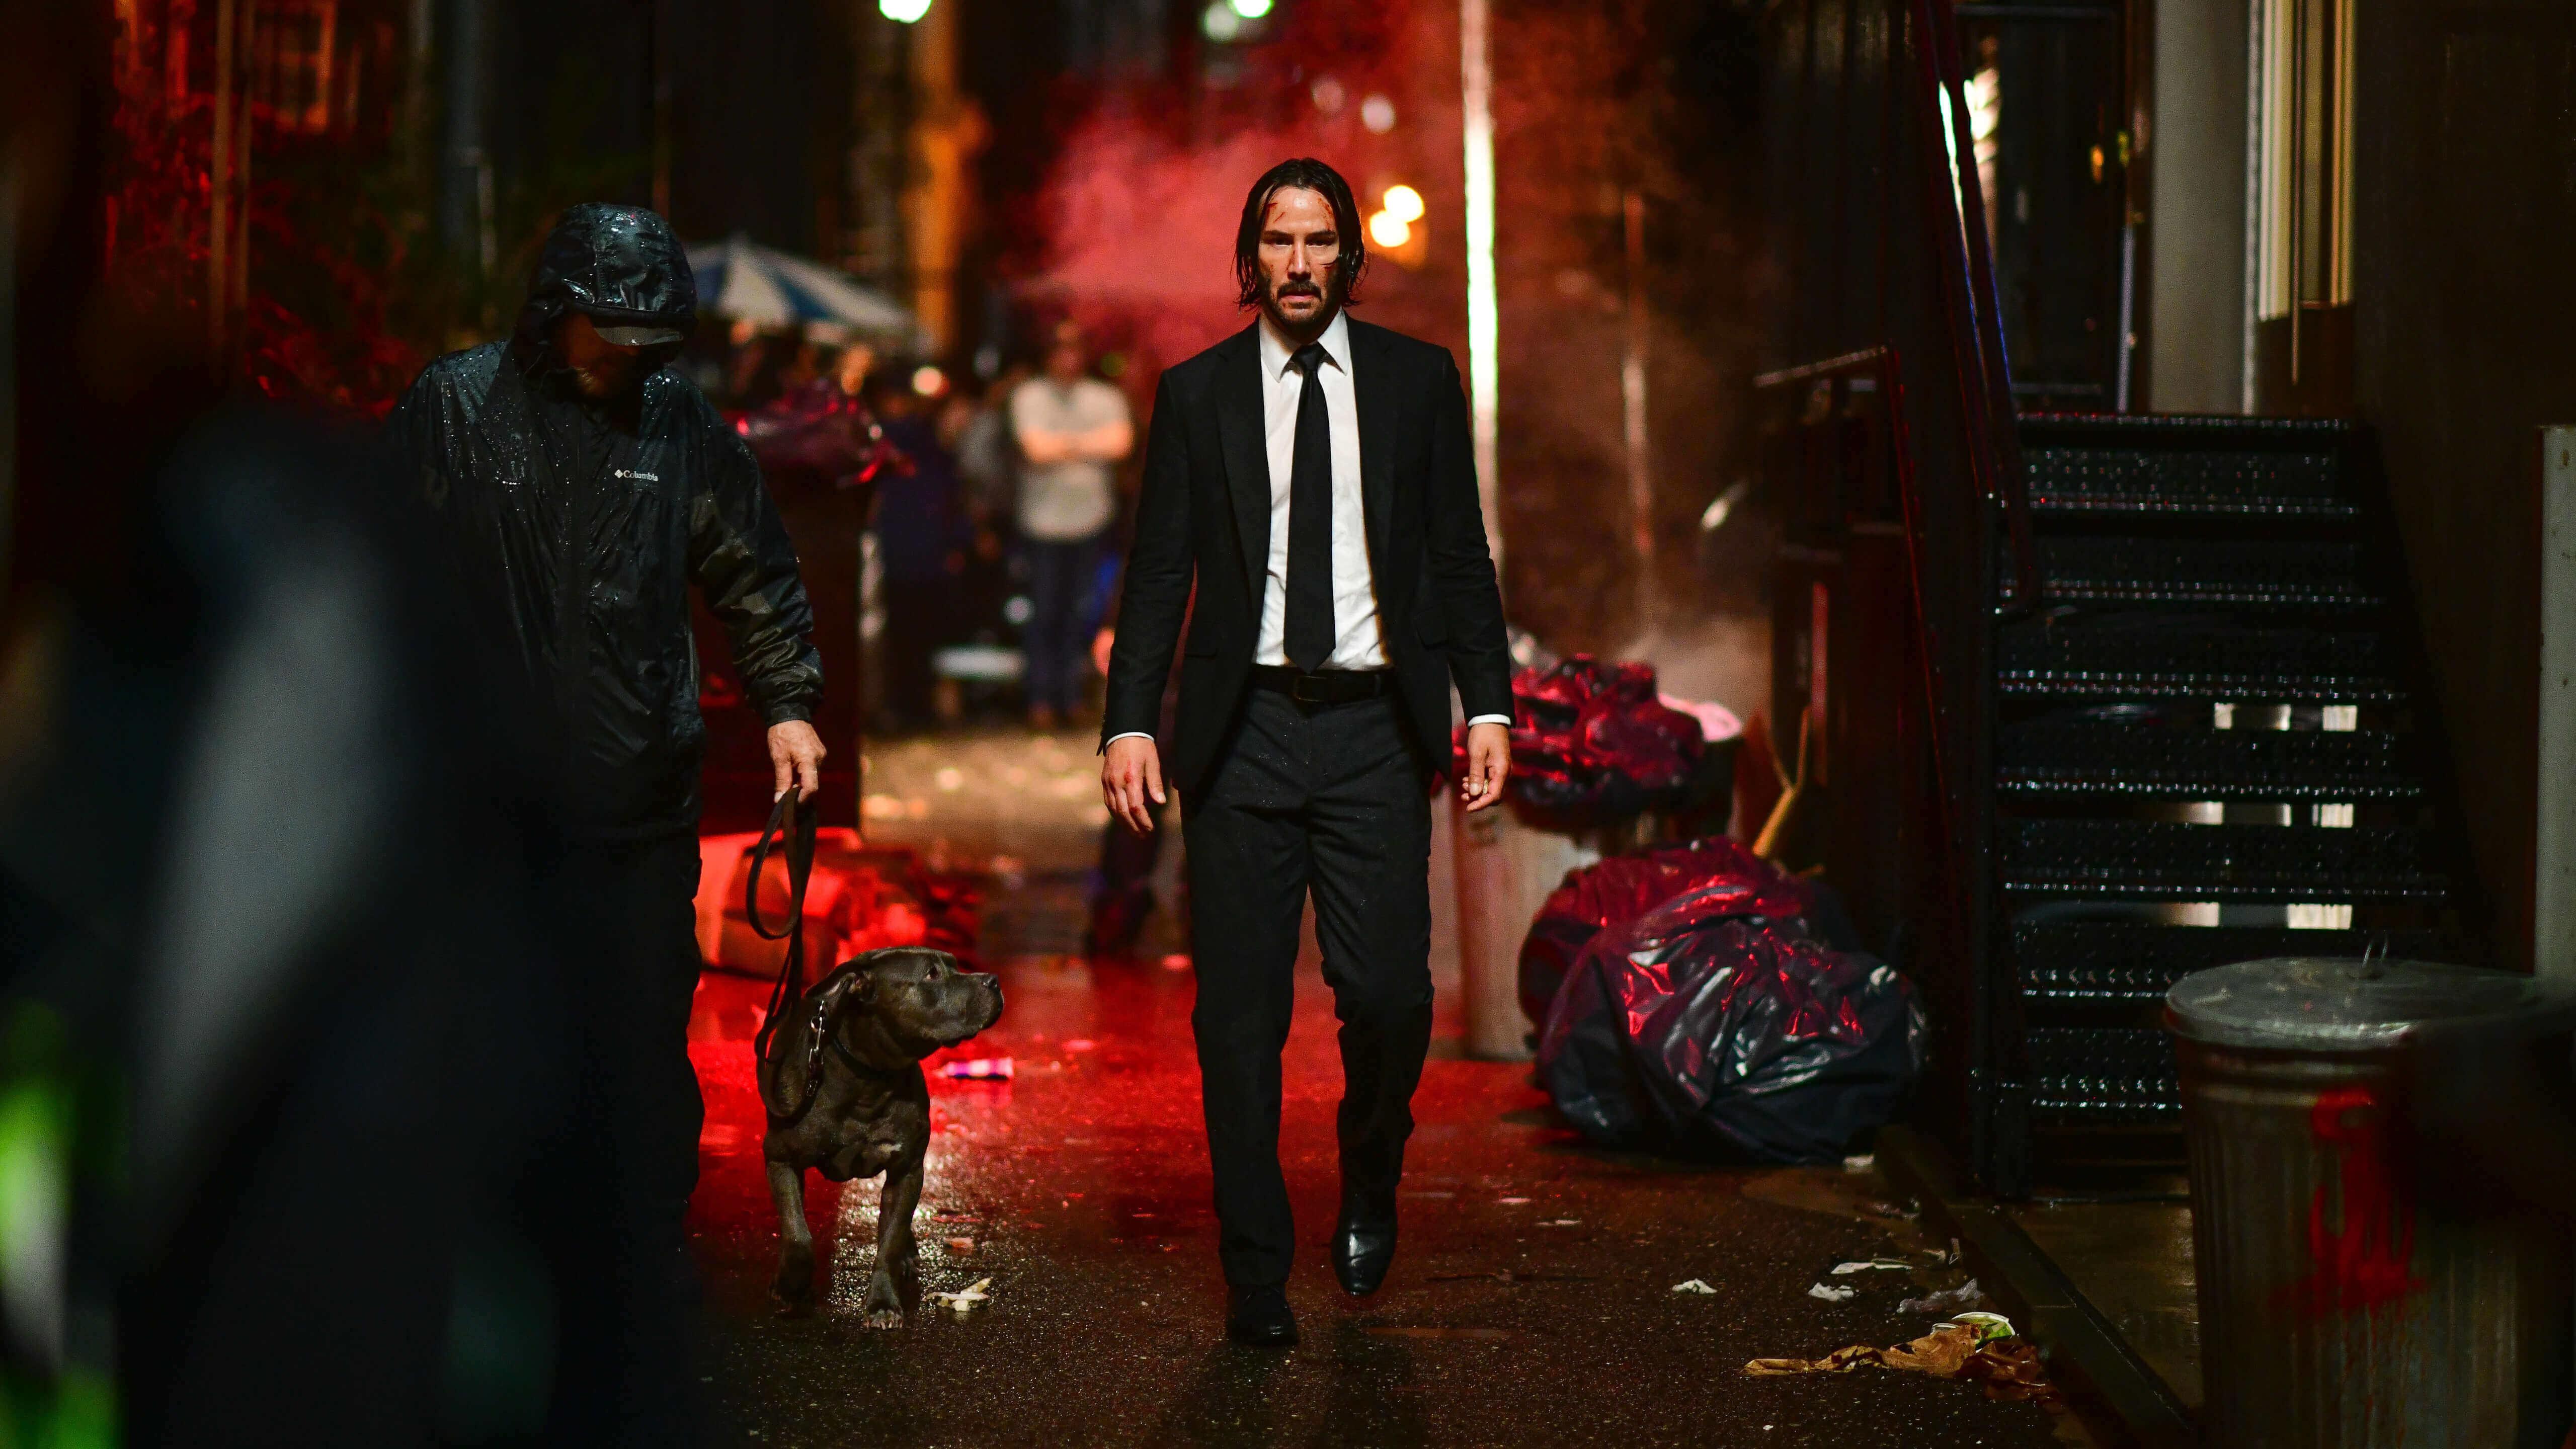 基努李維對於所飾演的約翰維克表示十分喜歡,並表示不排除繼續扮演這位武功高強的殺神兼愛狗人士。